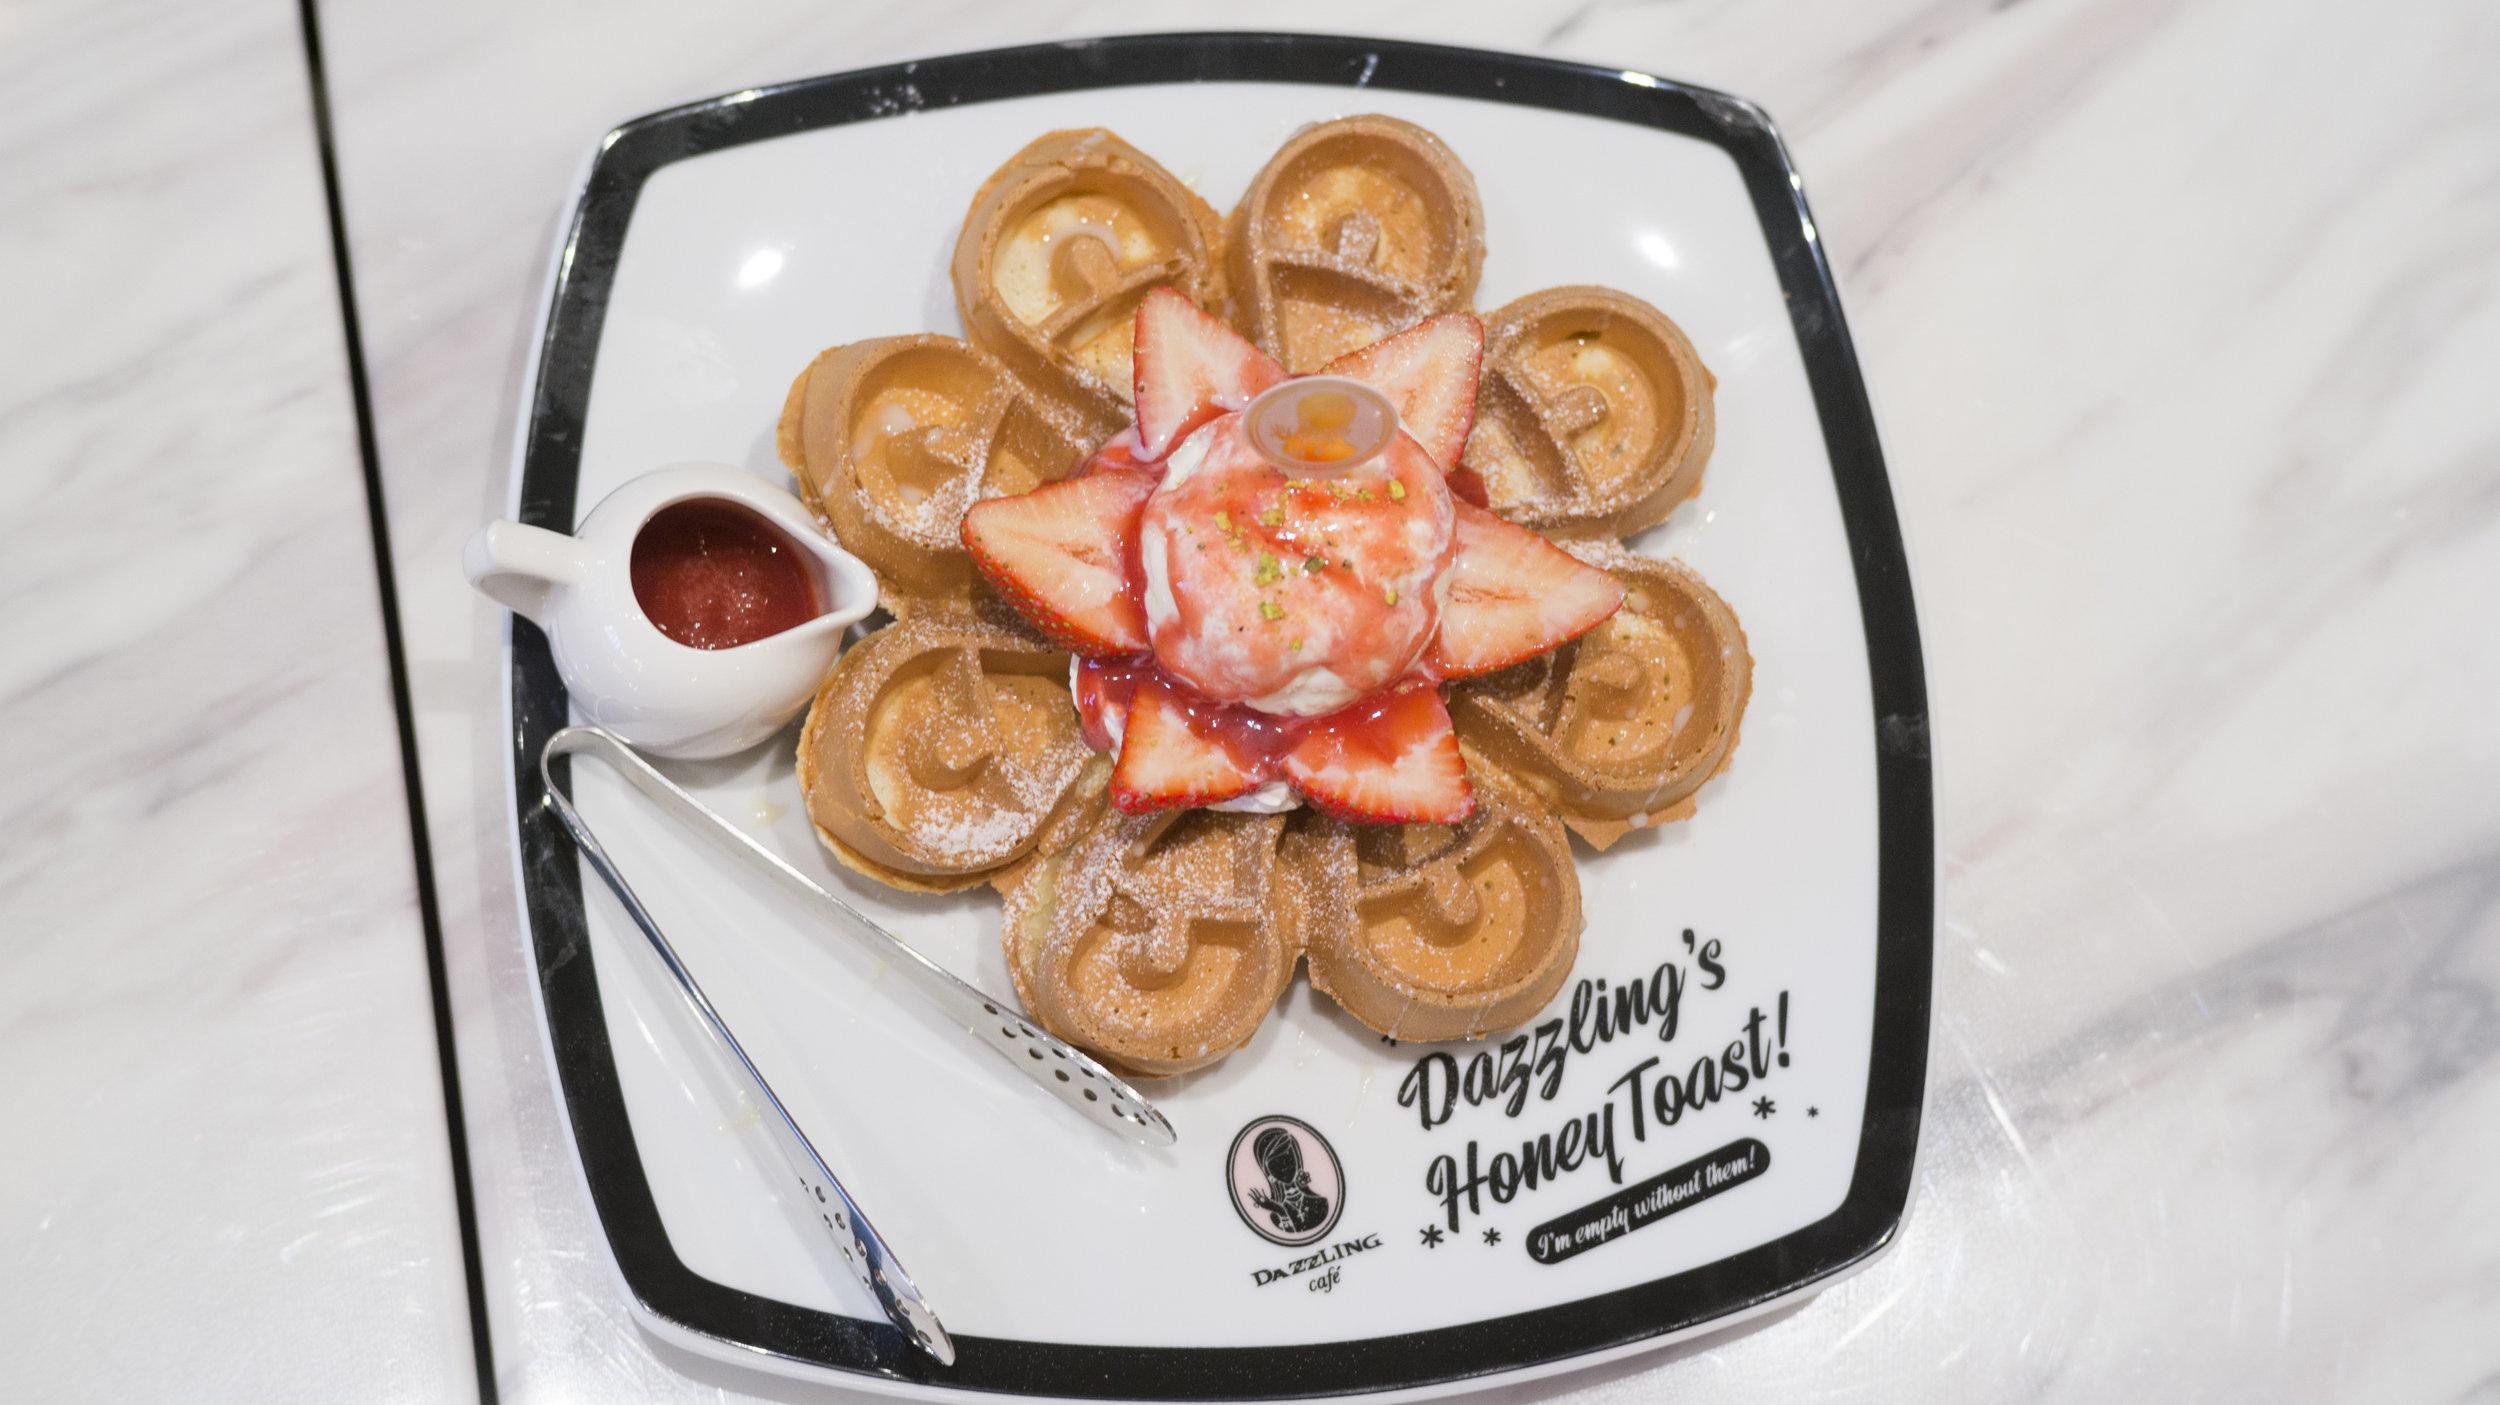 Strawberry & Ice Cream Waffle | $10.50